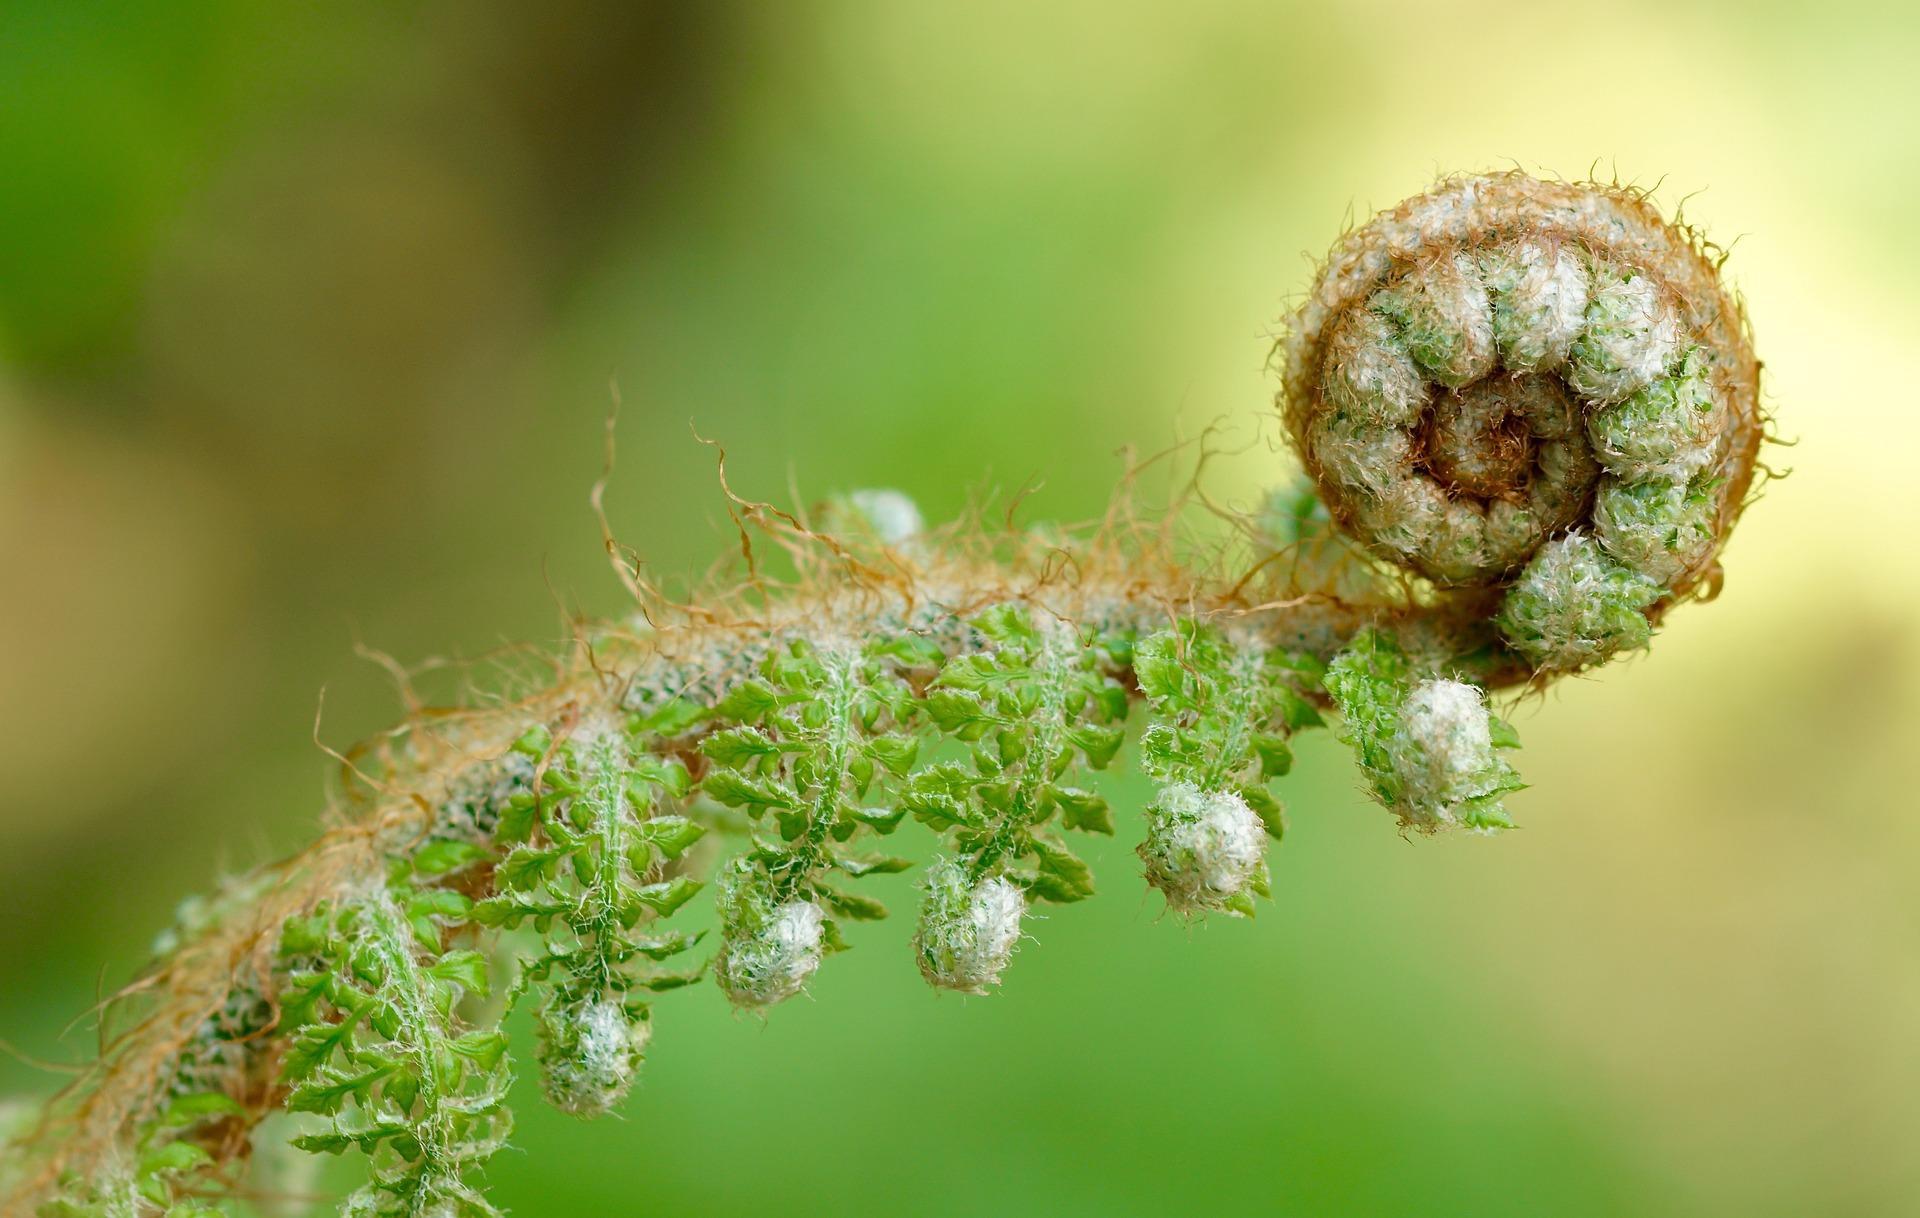 croissance-developpement-environnement-verneco-vannes-bretagne